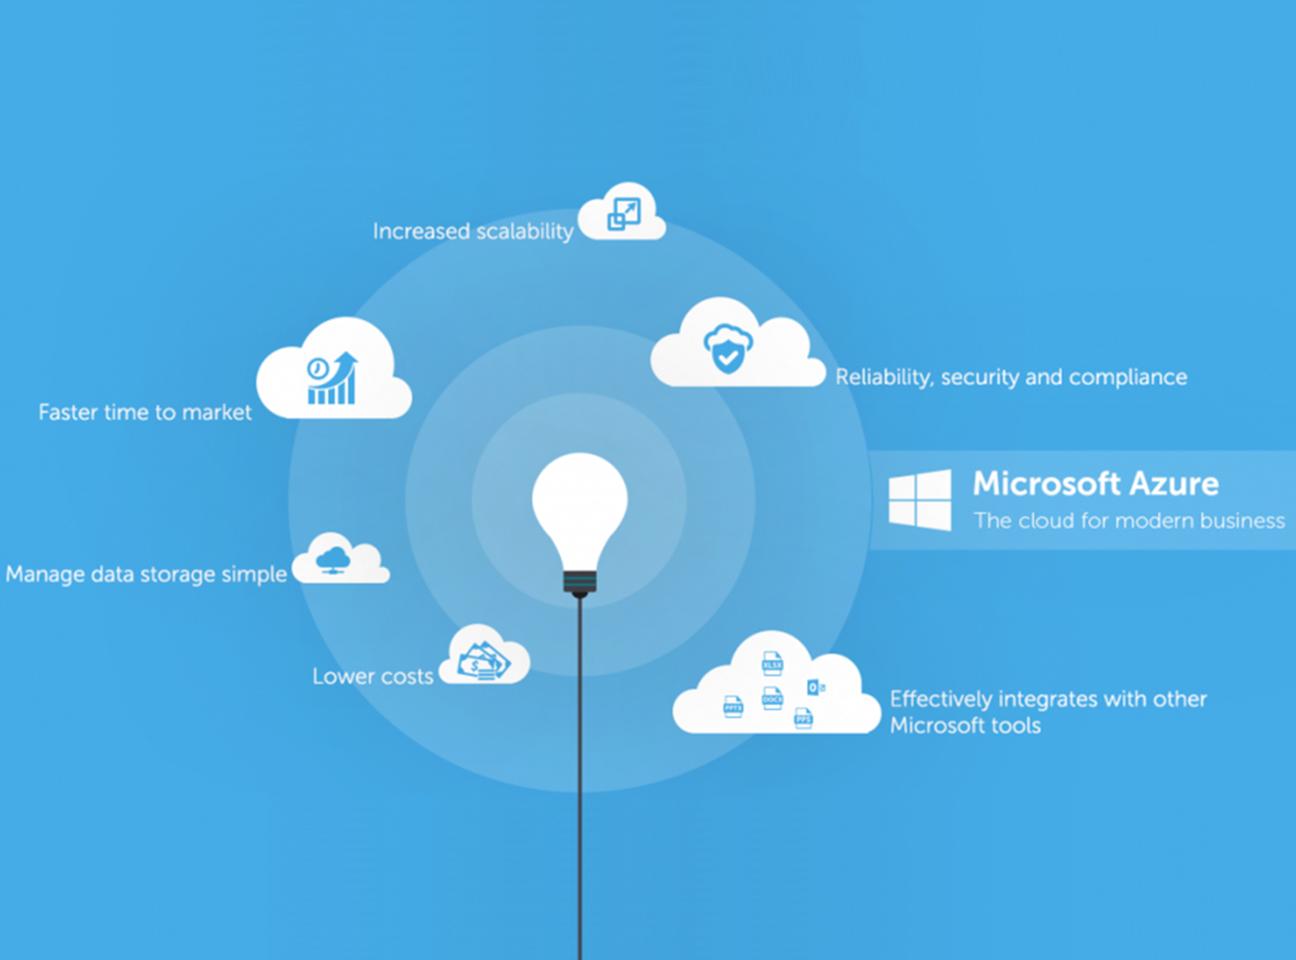 Облачные службы Microsoft Azure для разработки и внедрения систем умной производственной оптимизации